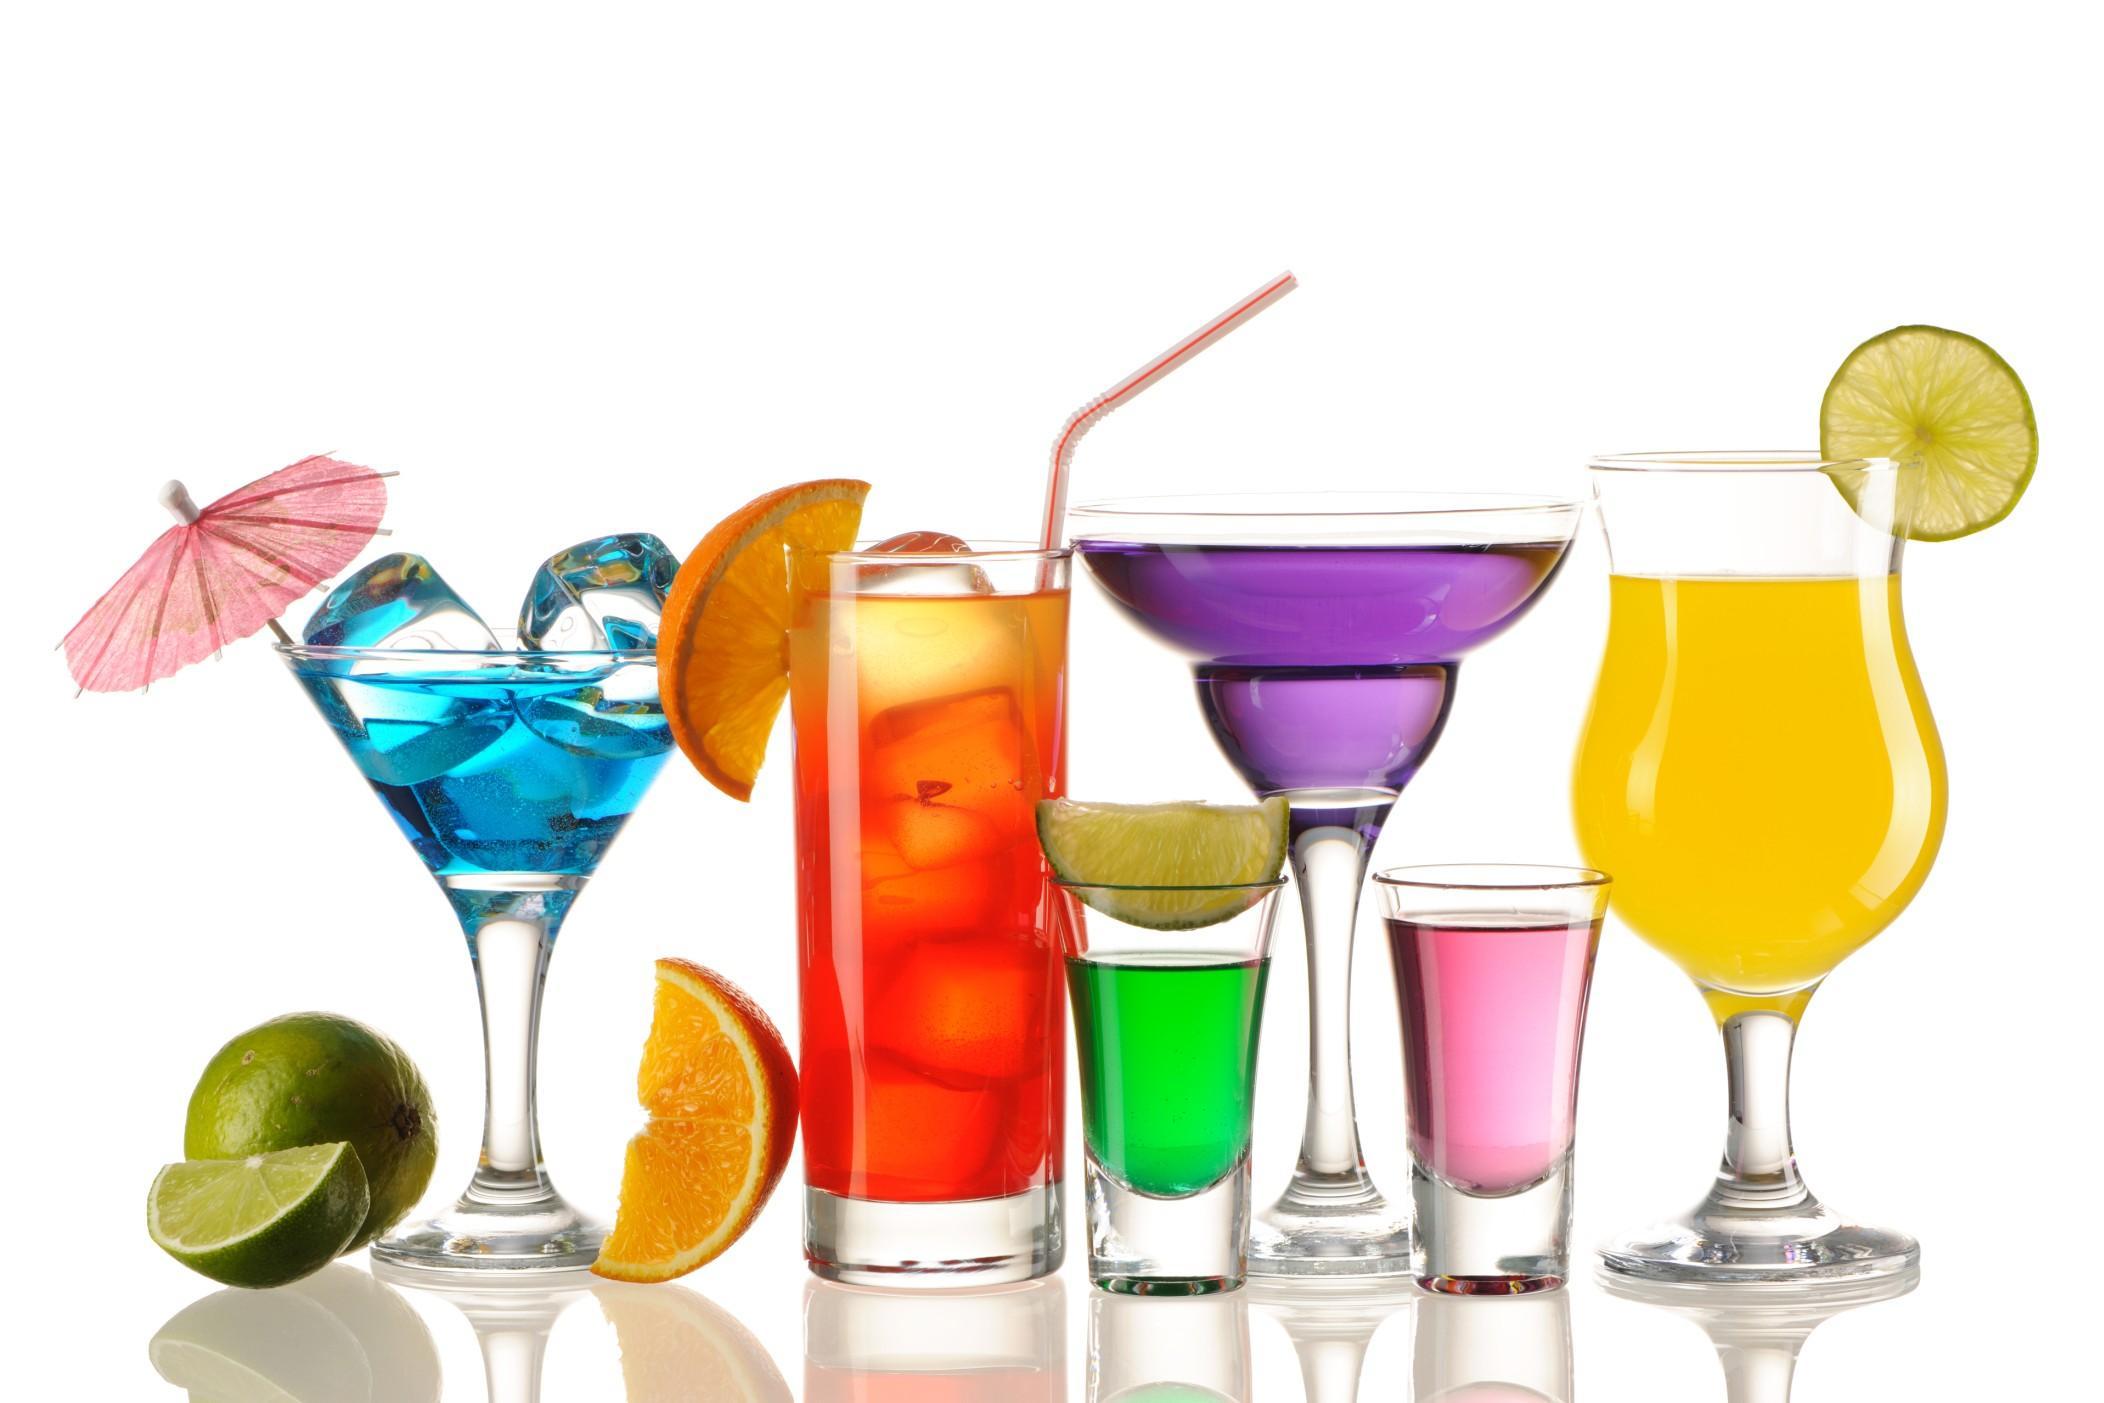 UK e Alcolici: limitarsi a un bicchiere al giorno va bene